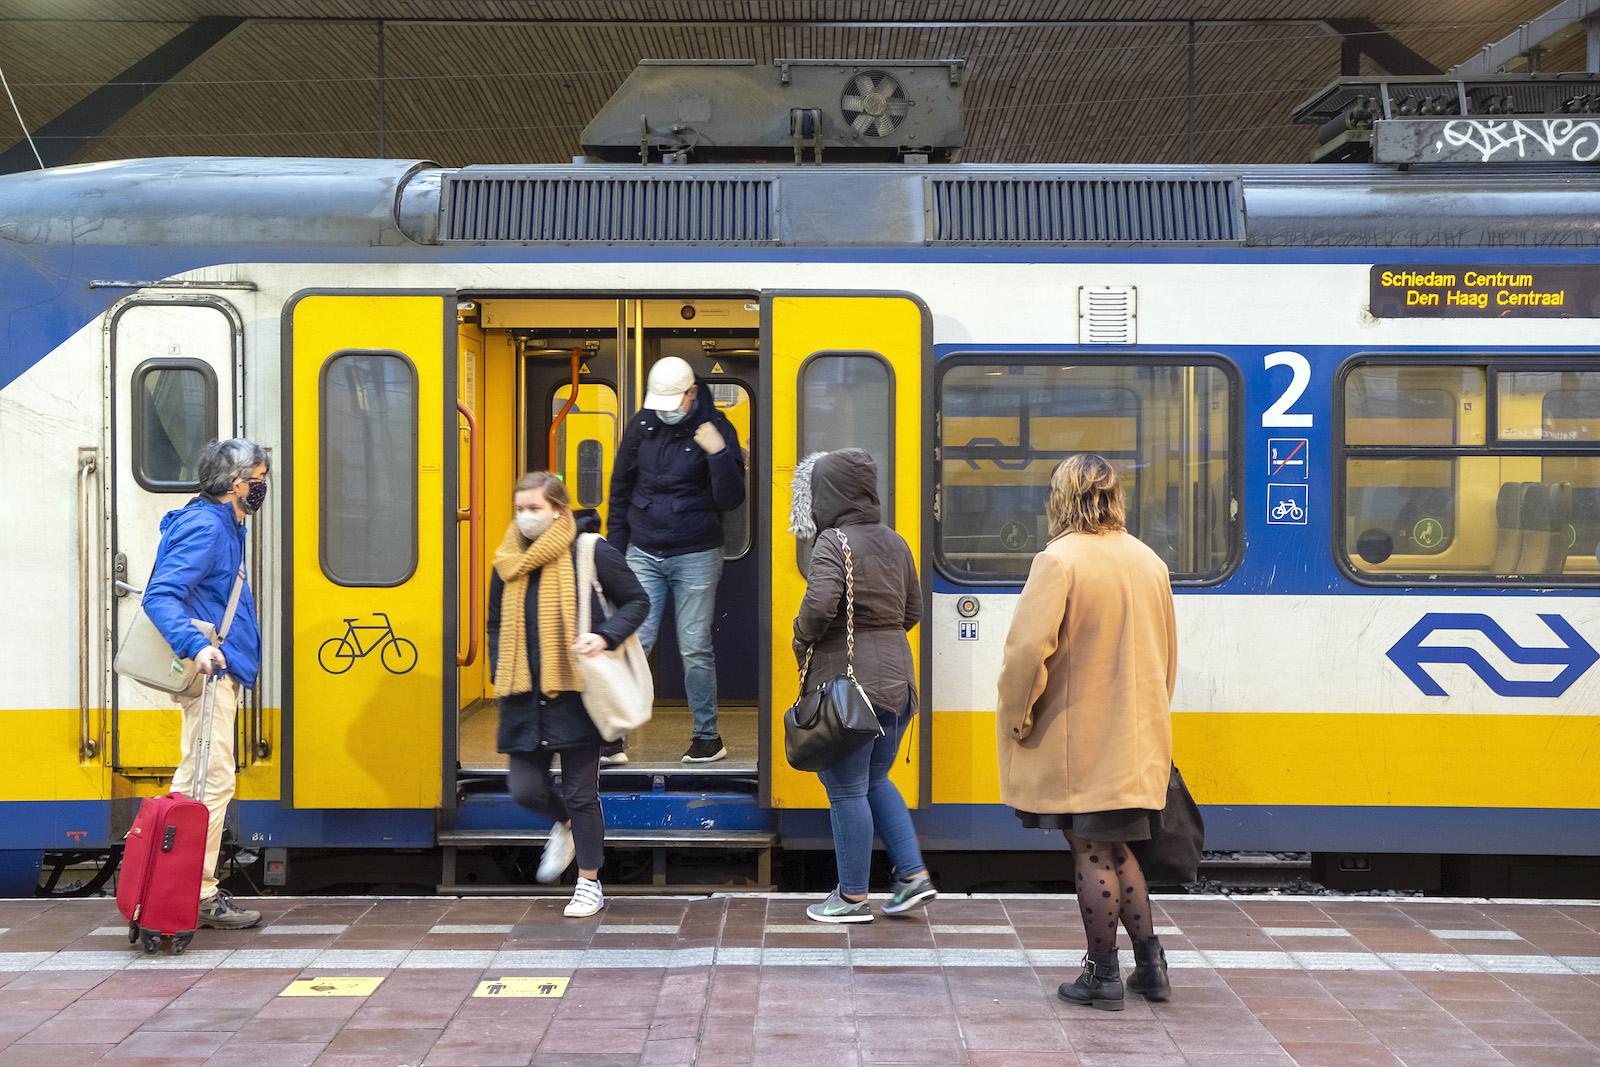 reizen testverklaring verplicht trein bus corona